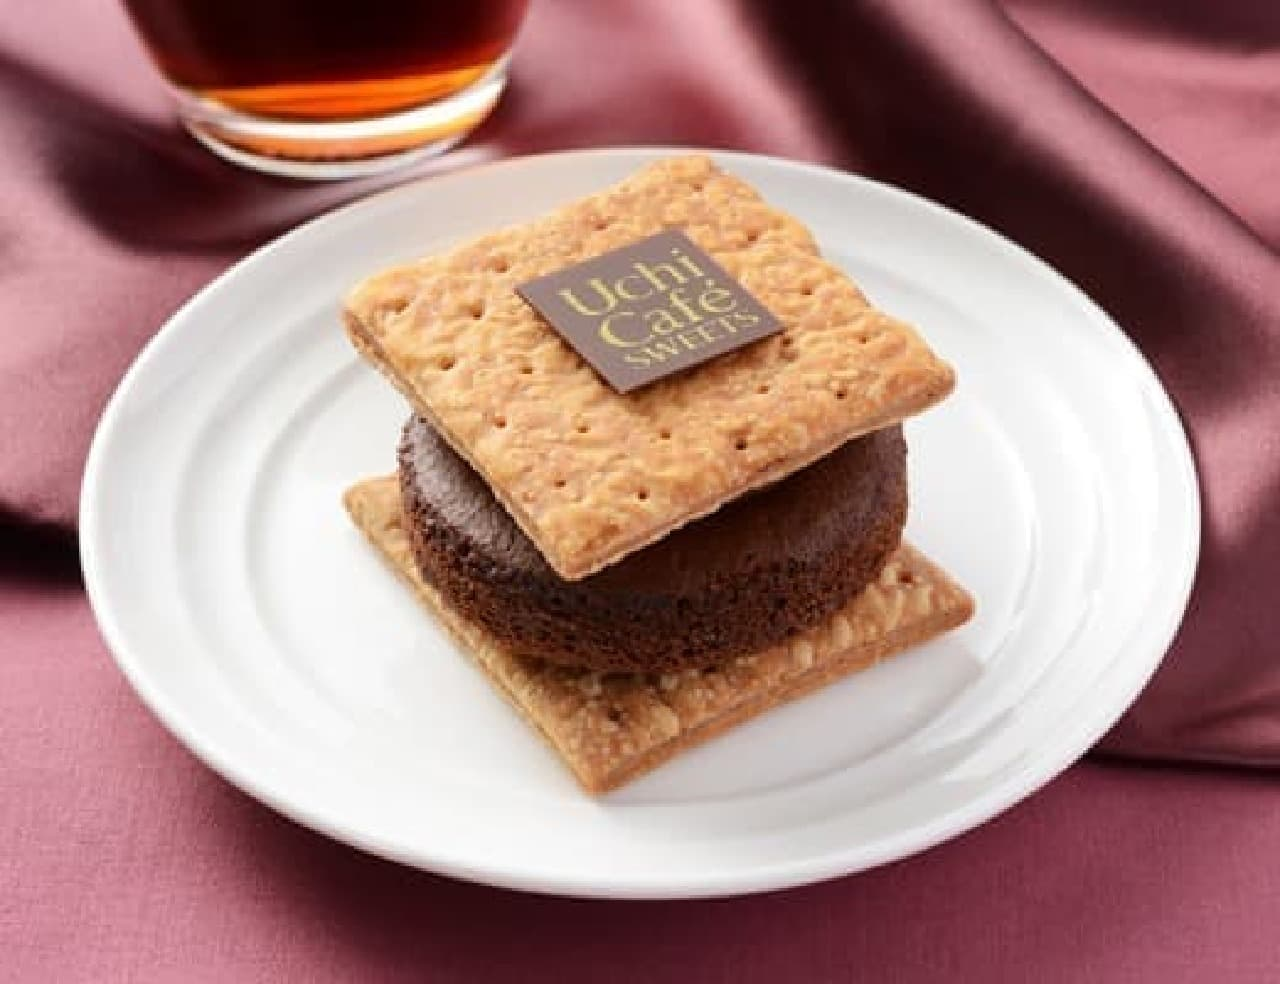 ローソン「ショコラパイサンド」「チョコボンブケーキ」